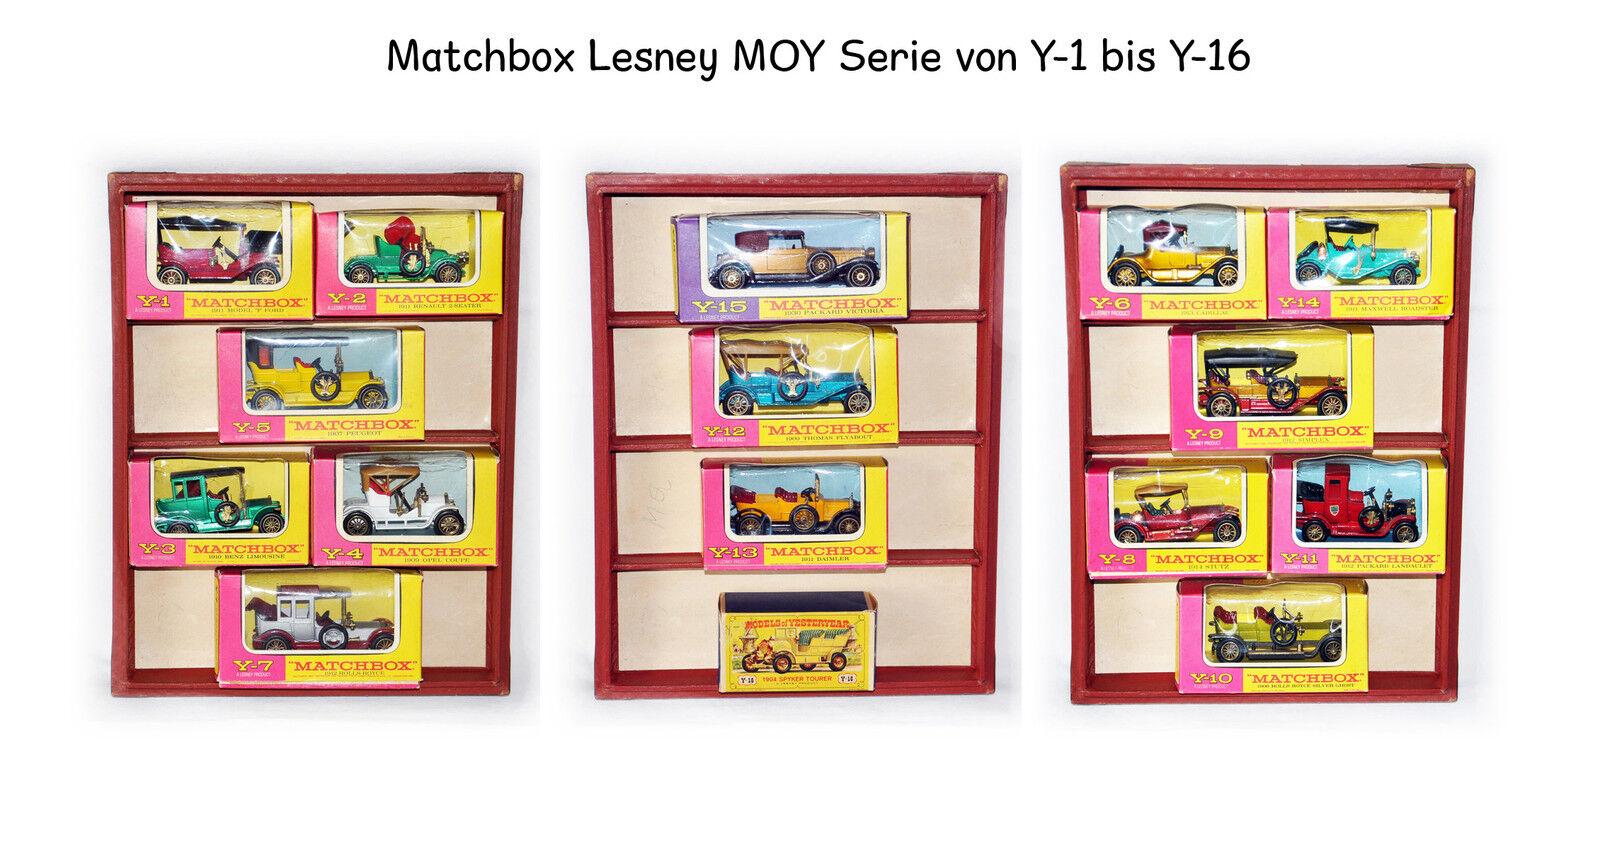 Lesney yeseryear Moy   y - 1 a y - 16 no está registrado en ovp.